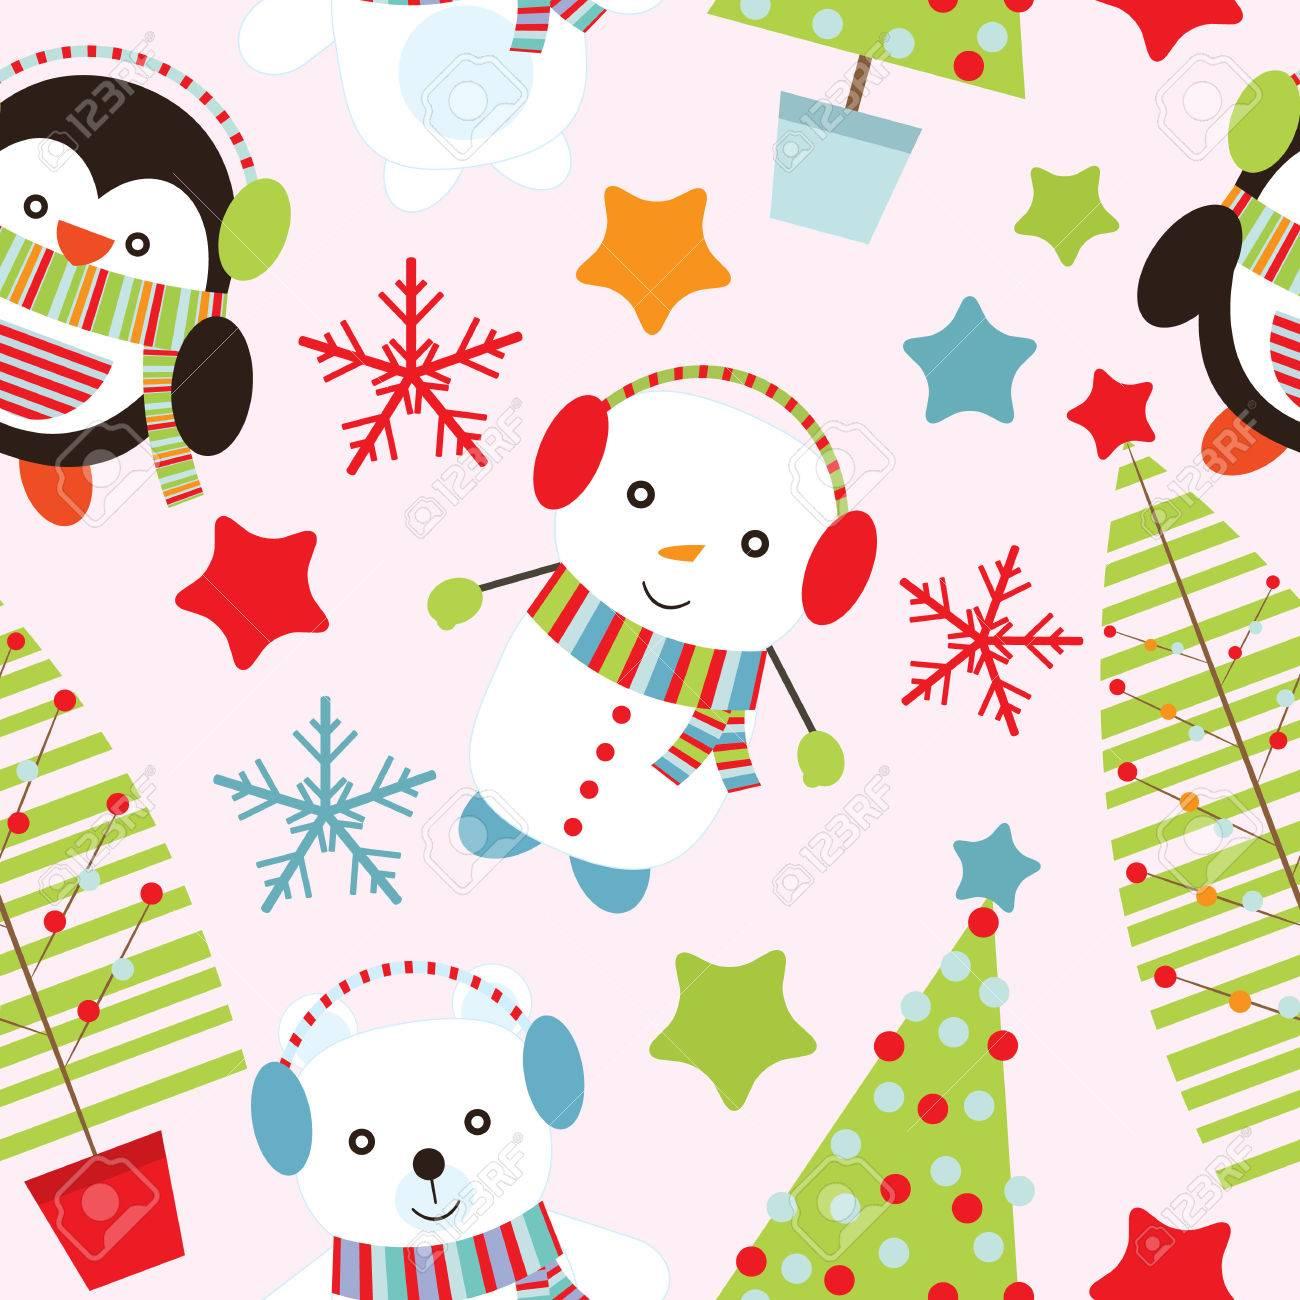 クリスマス イラストかわいいクマ 雪だるま ピンクの背景の壁紙 ポストカード メモ用紙に適したペンギンとのシームレスな背景のイラスト素材 ベクタ Image